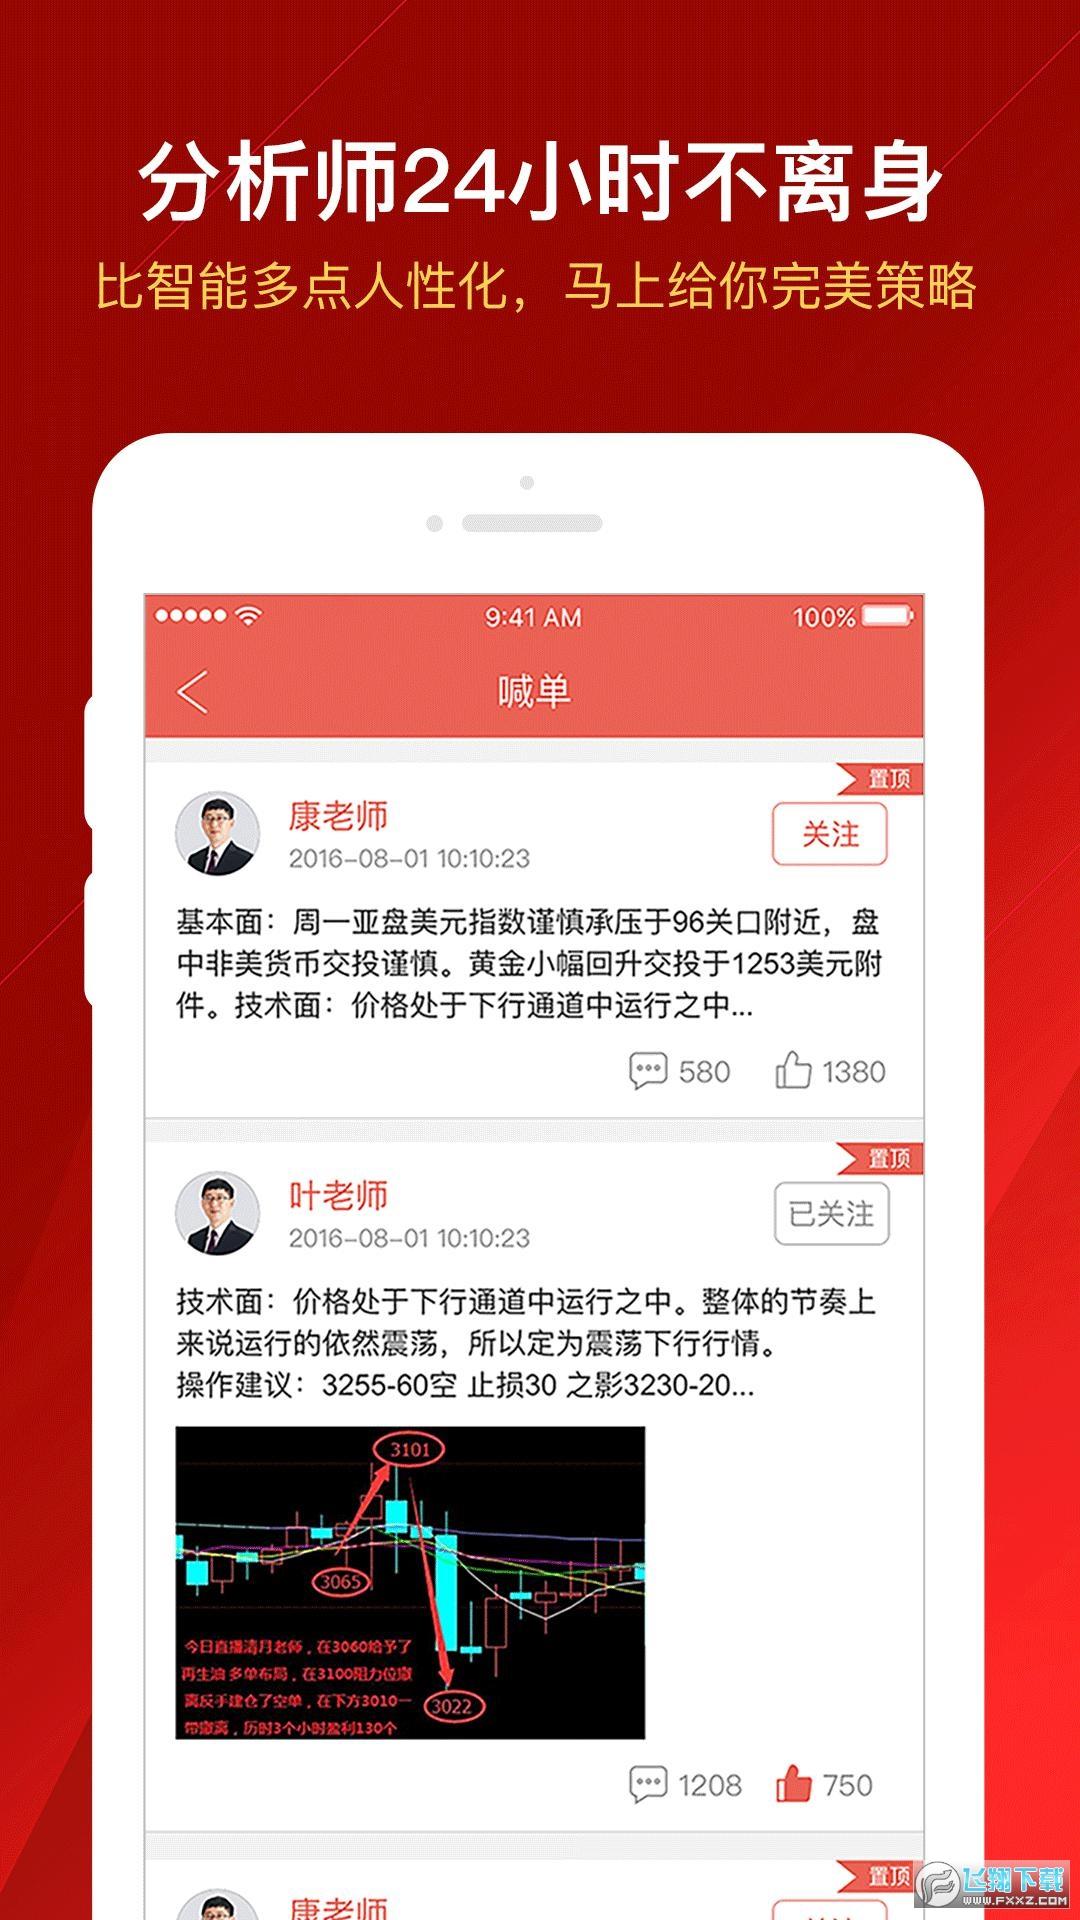 中晟环球官网appv1.0.1最新版截图2